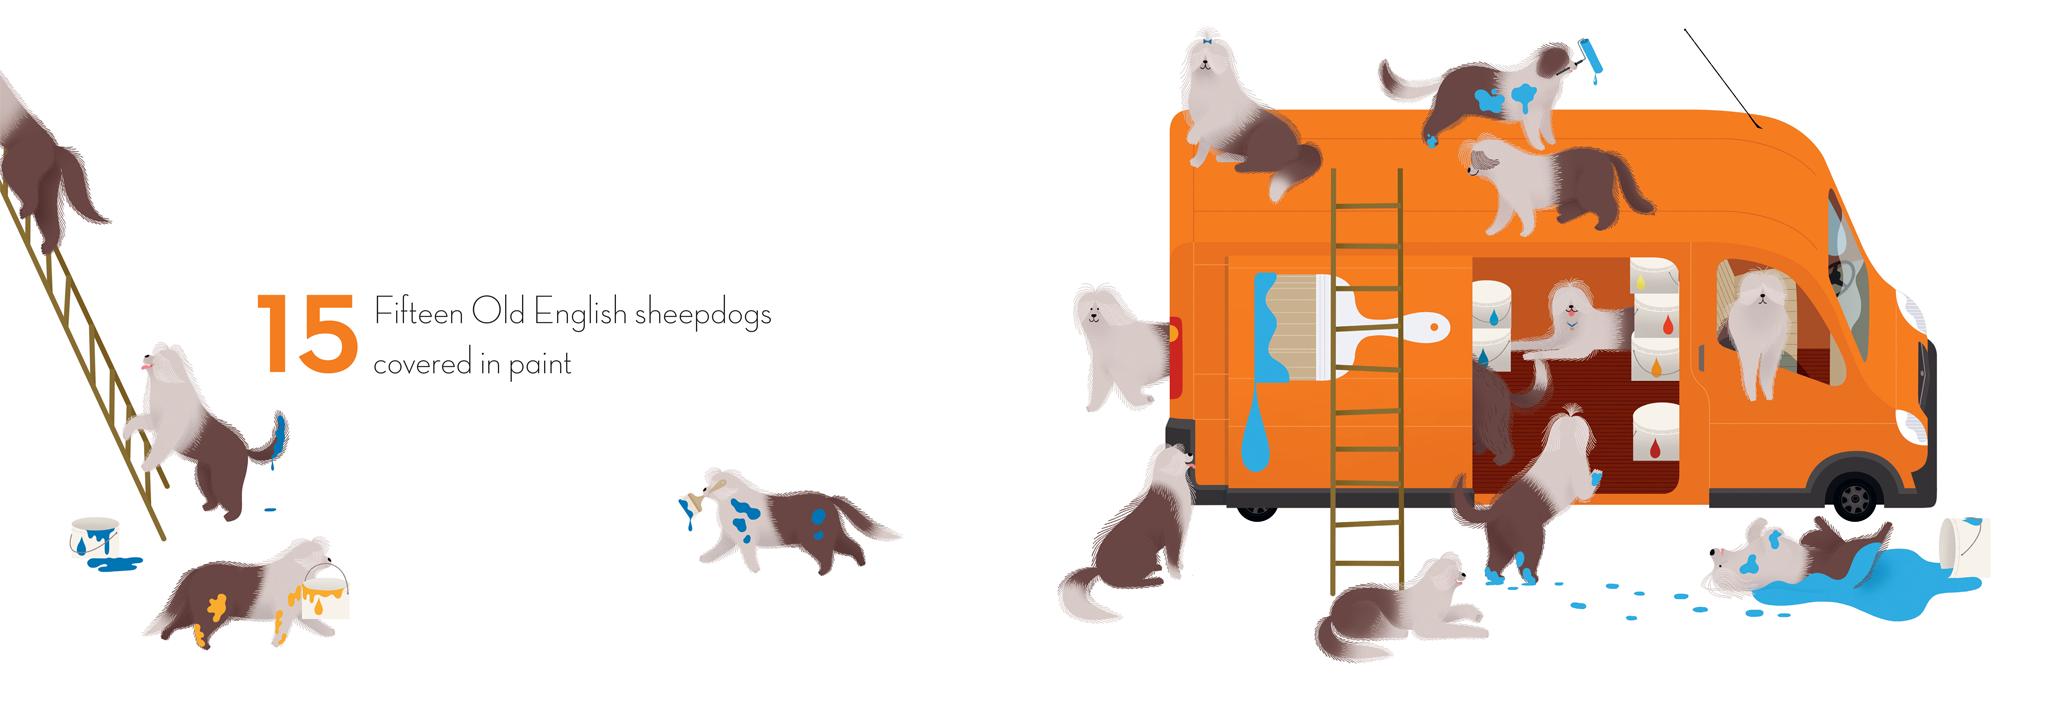 EnglishSheepDogs